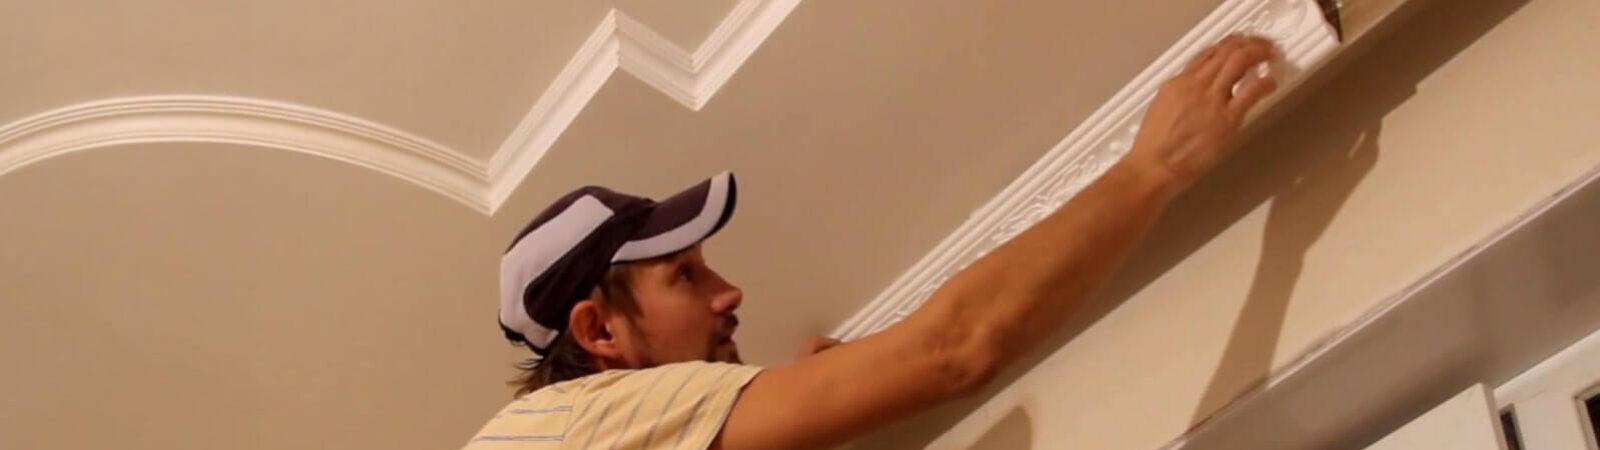 Як клеїти багети на стелю